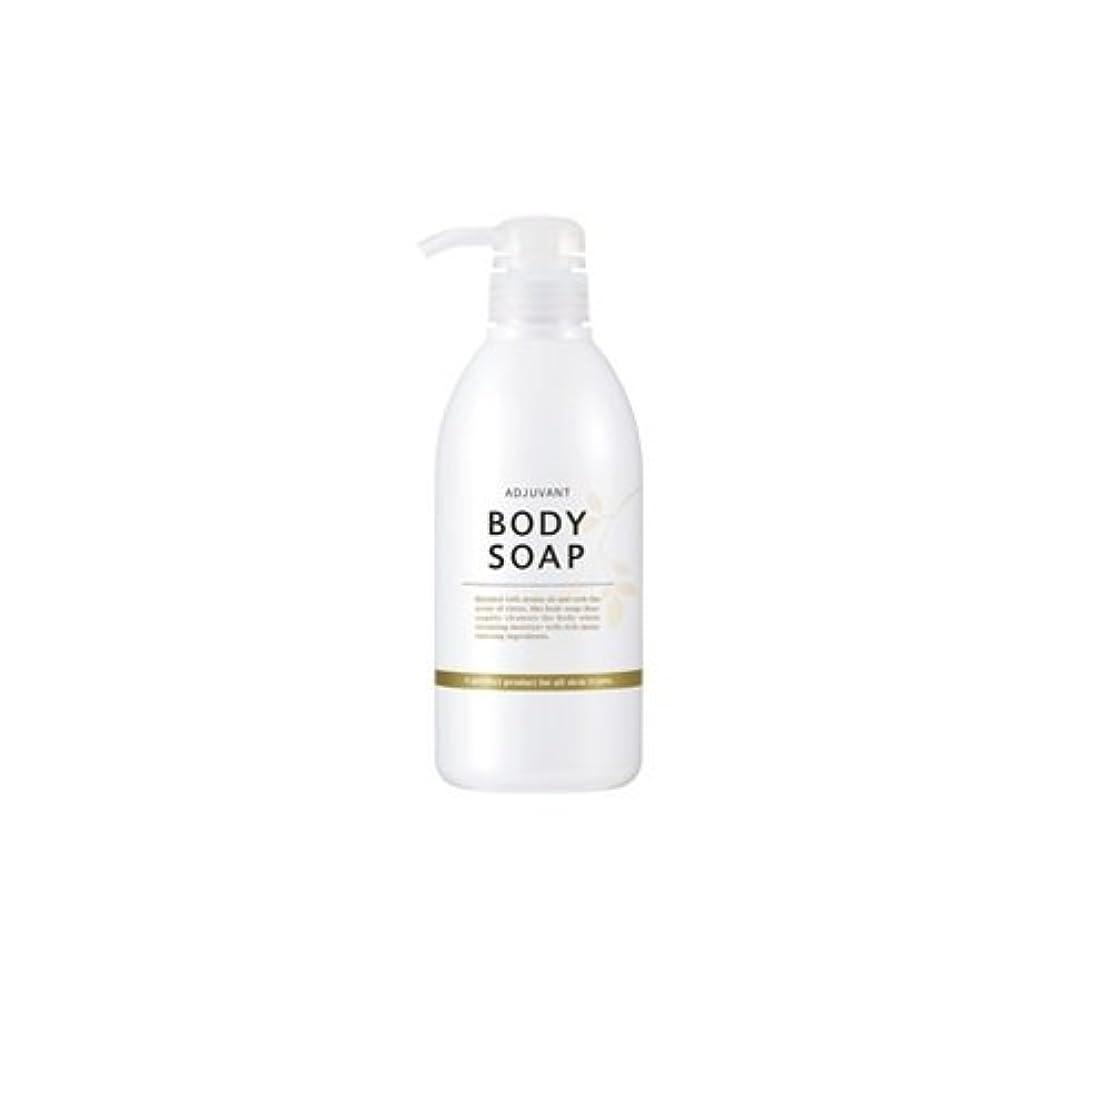 服を洗うサラダオリエンテーションアジュバン【ボディケア】ボディソープ 500mL